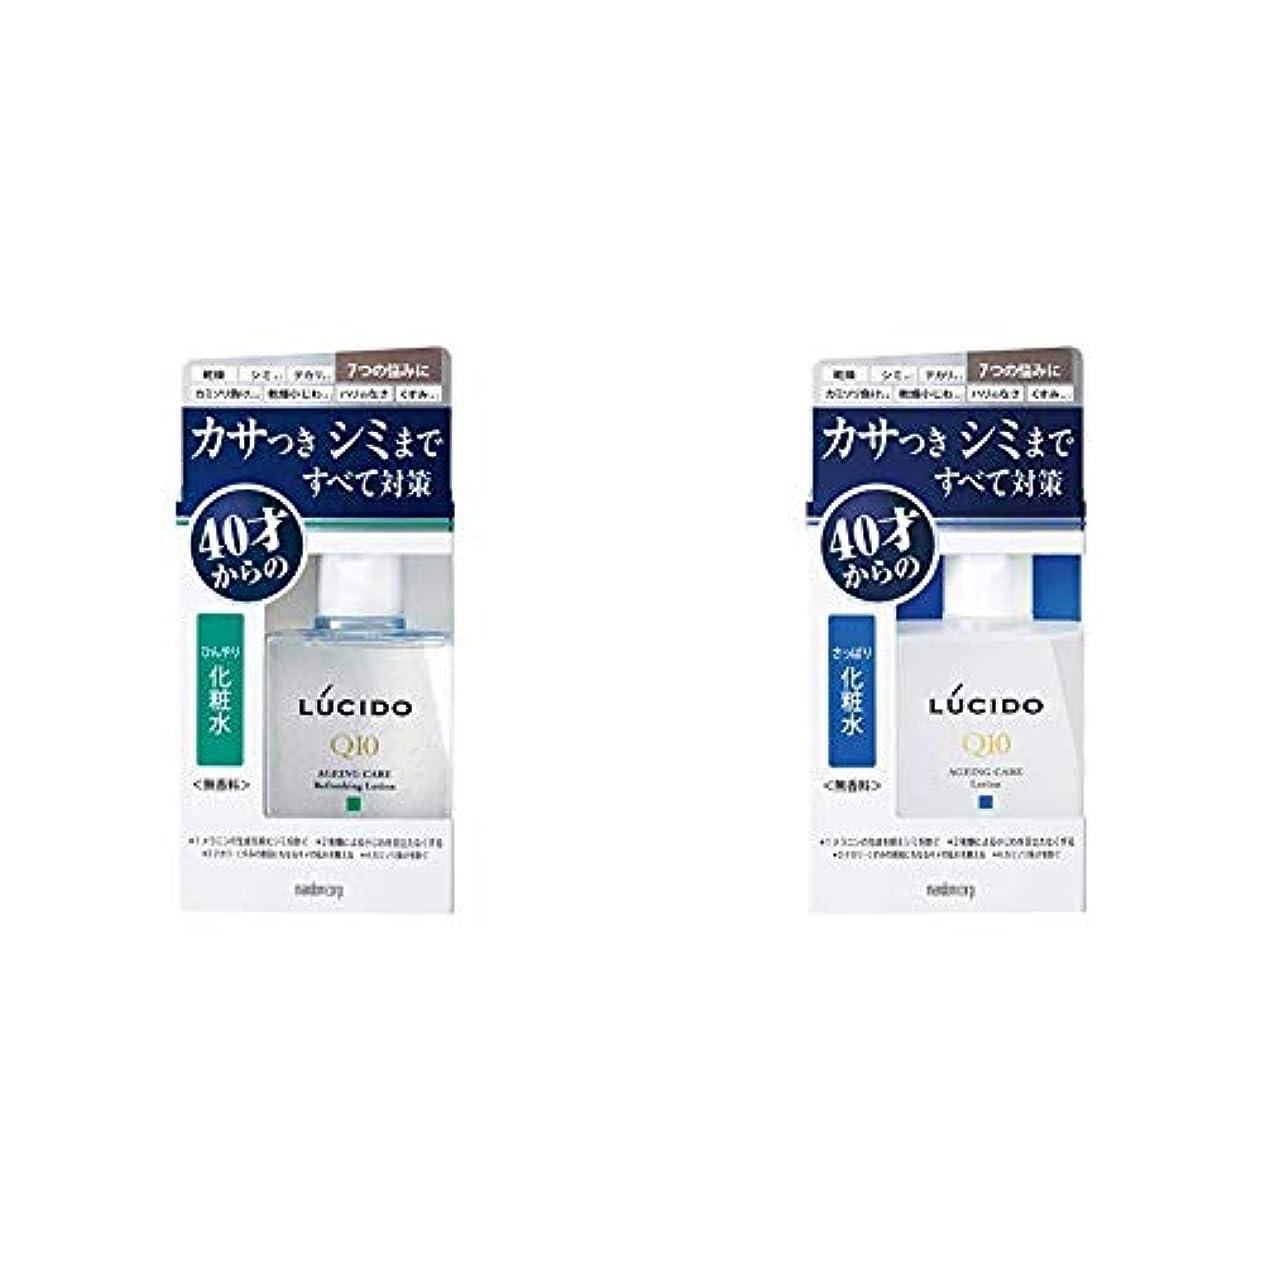 トランスペアレント服つまずくルシード(LUCIDO)薬用 トータルケアひんやり化粧水 メンズ スキンケア さっぱり 110ml(医薬部外品) & ルシード 薬用 トータルケア化粧水 (医薬部外品)110ml